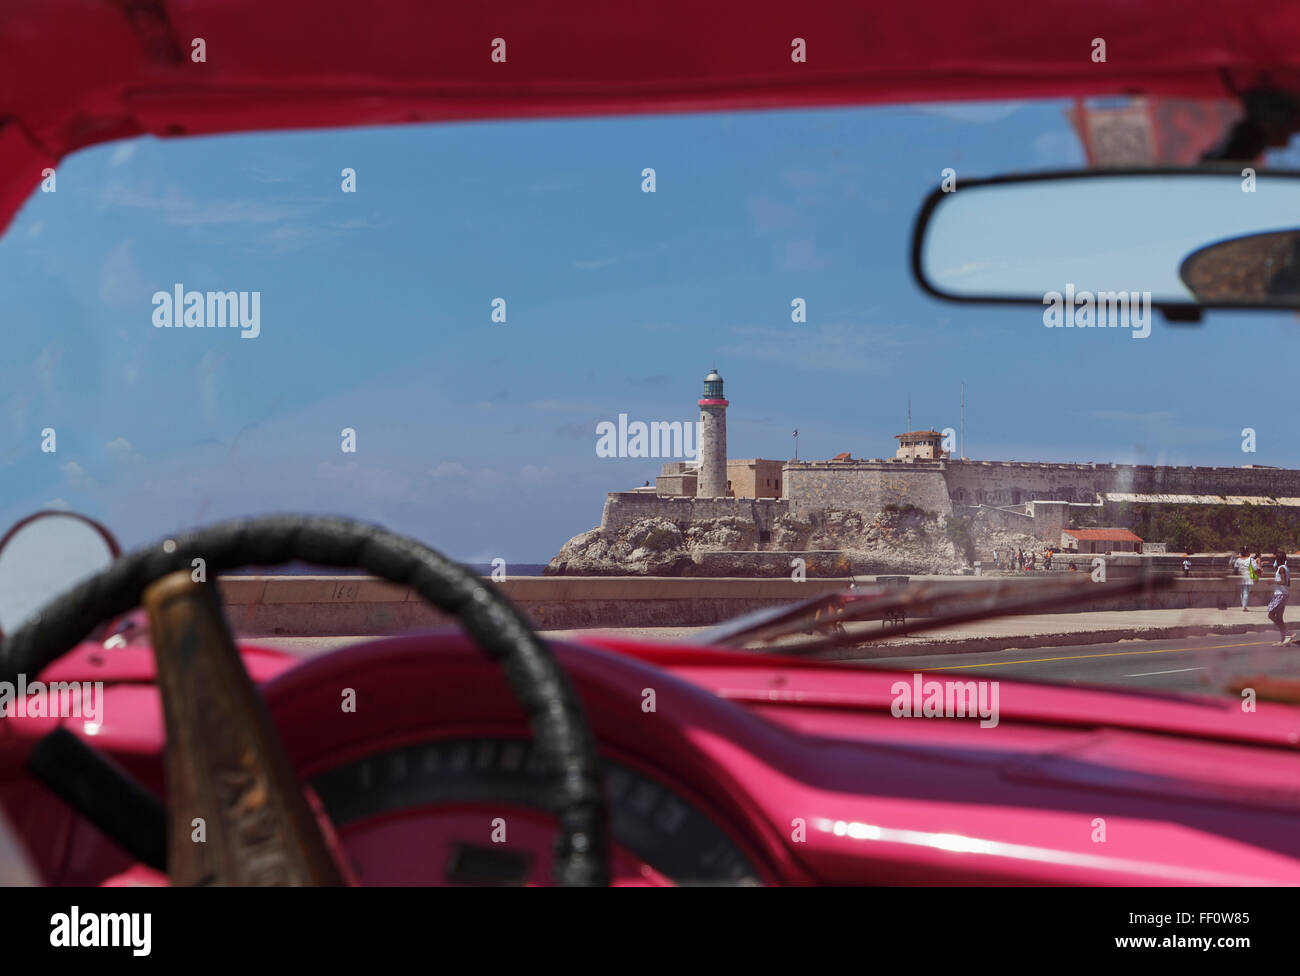 Les conducteurs de voitures à La Havane, La Havane, Cuba paysage urbain Banque D'Images